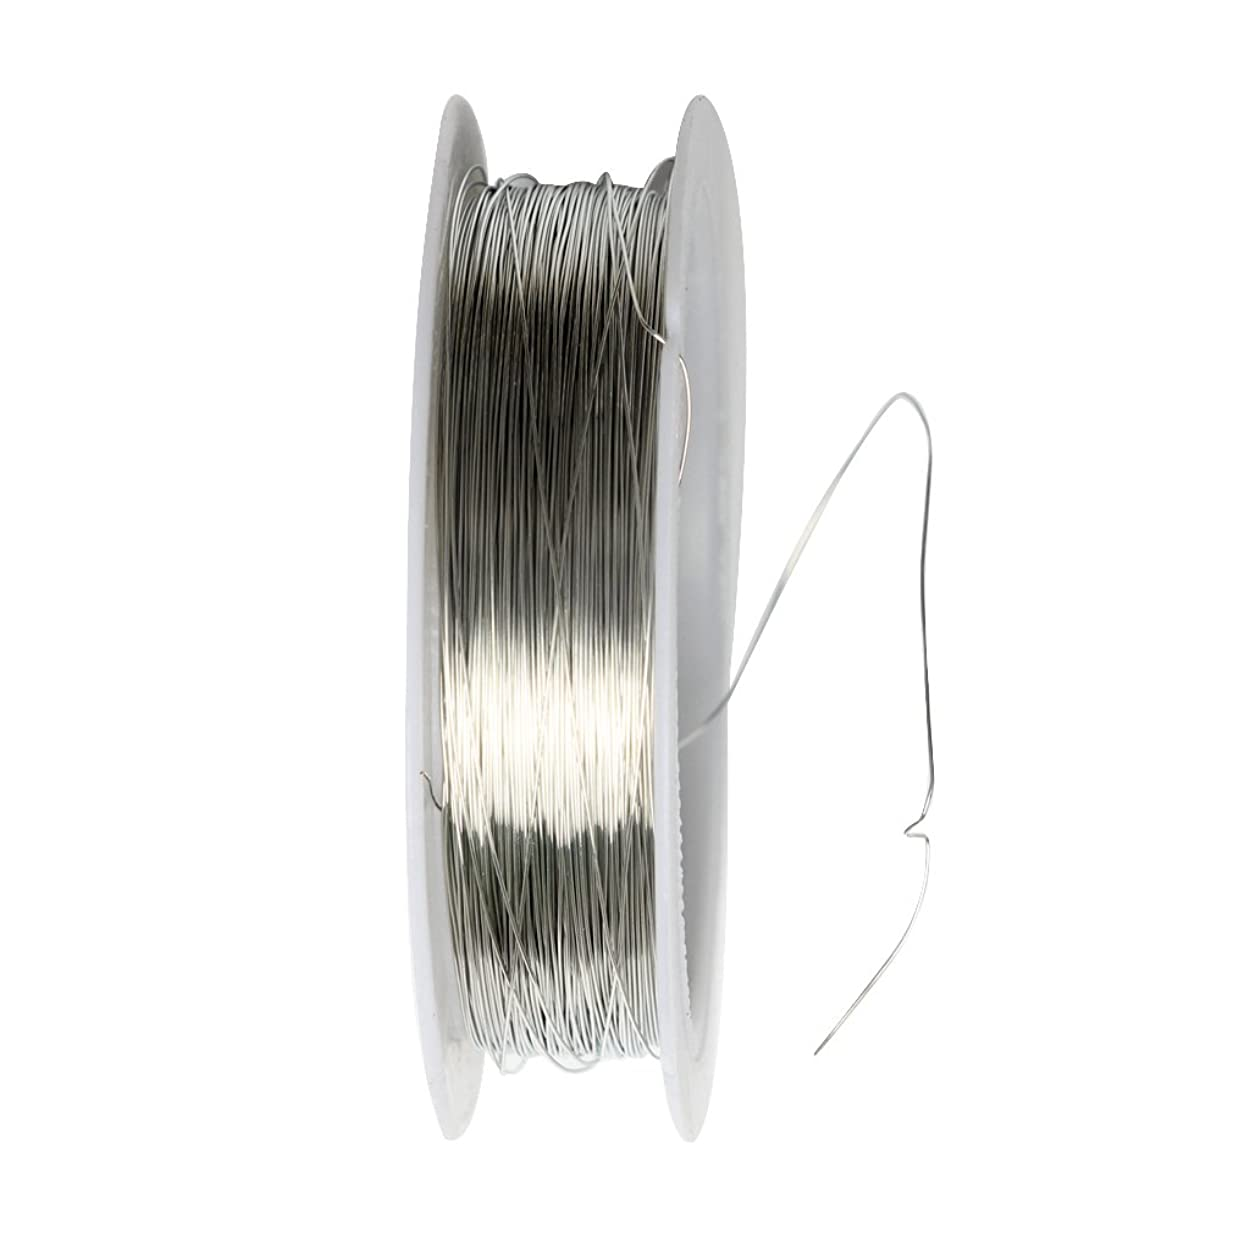 繰り返したカスケードトラフィック結婚式 ヘアジュエリー DIYジュエリー用具 1ロール 22m 鉄線 0.3mm ゴールド/シルバー 2色選べ - シルバー, 22m